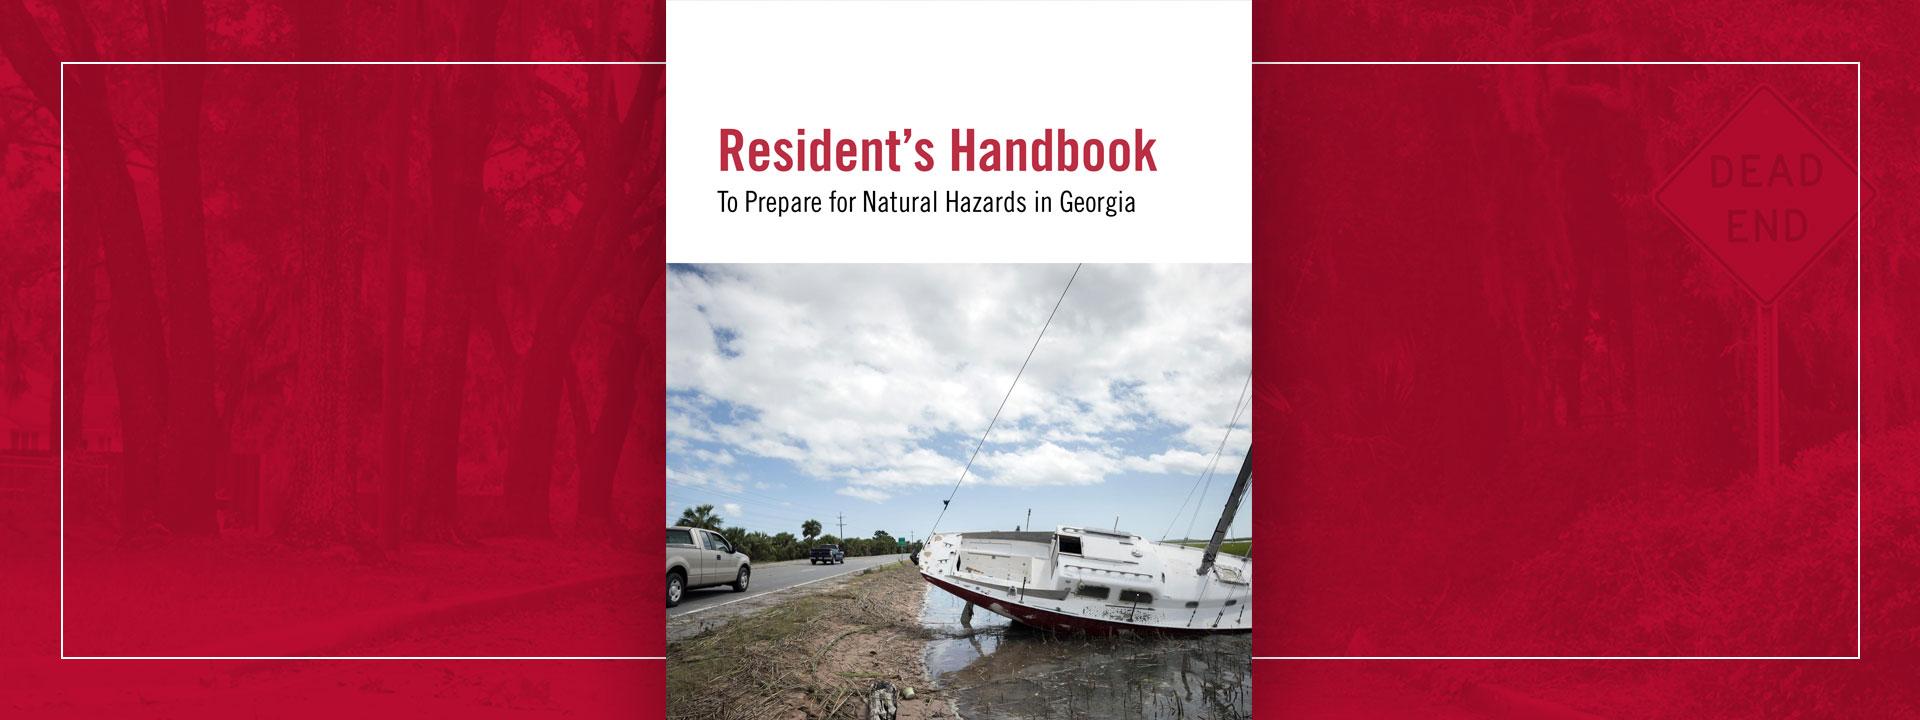 res-handbook-sol